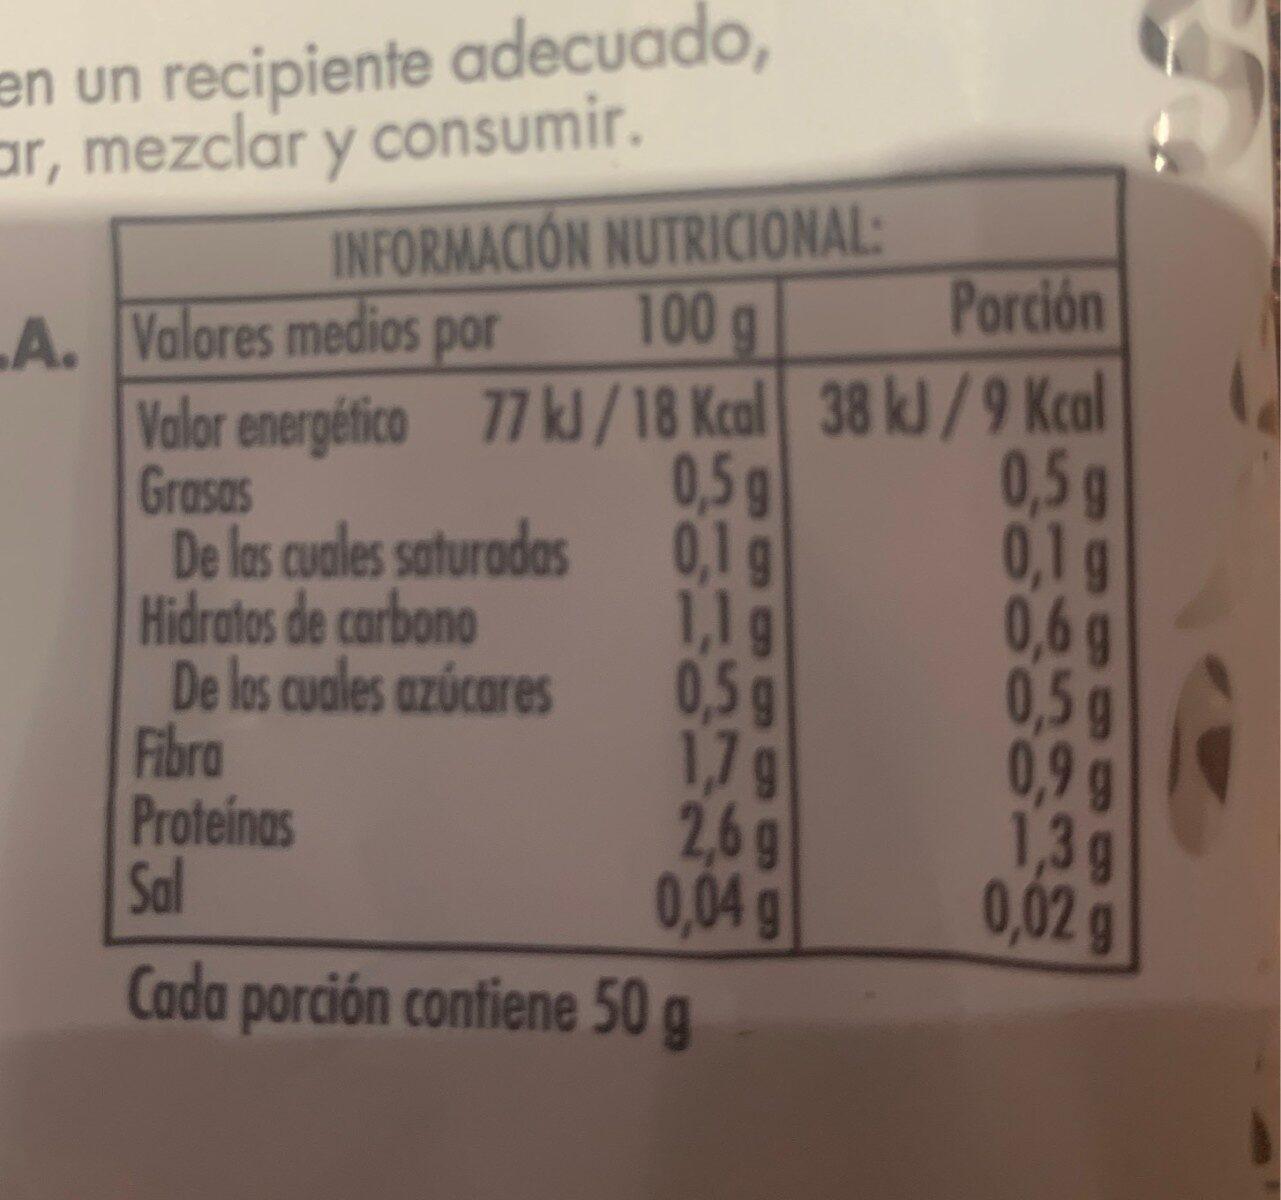 Rucula brotes tiernos - Información nutricional